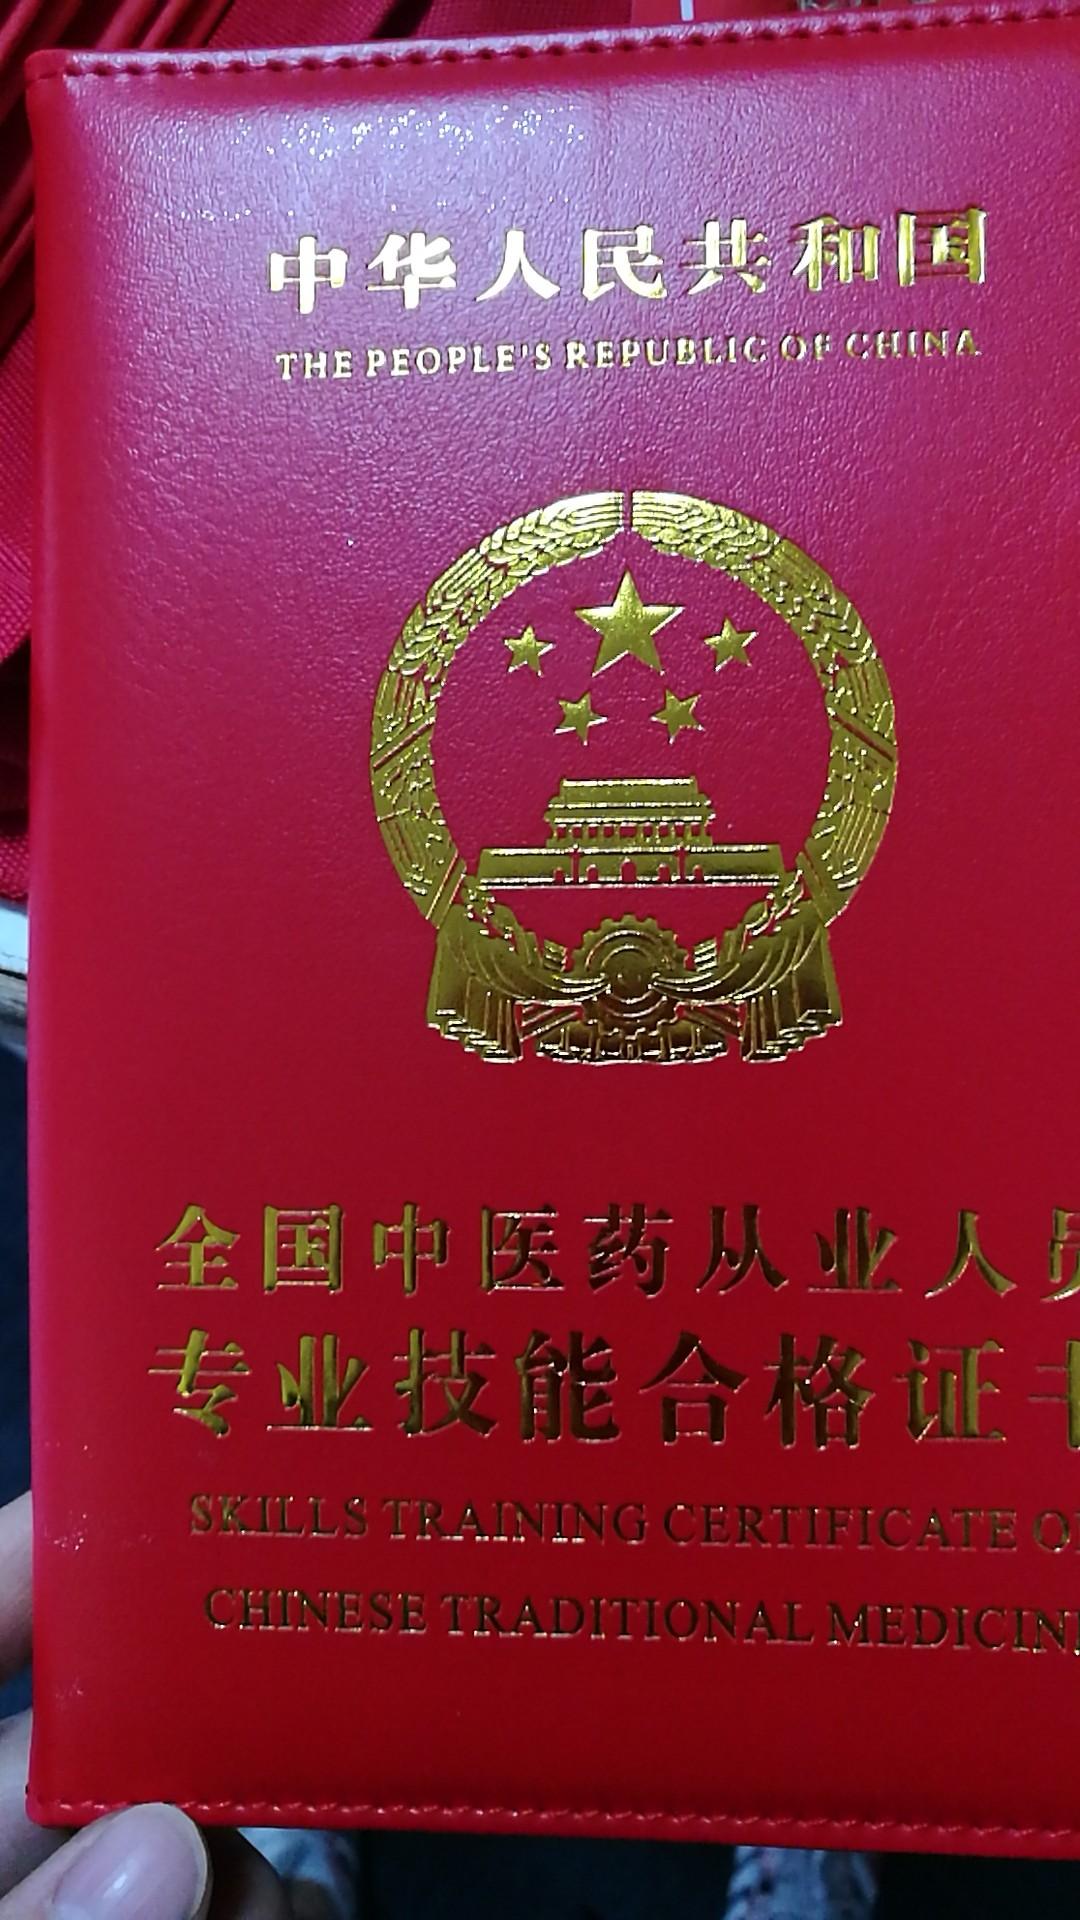 全国中医药从业人员专业技能合格证书